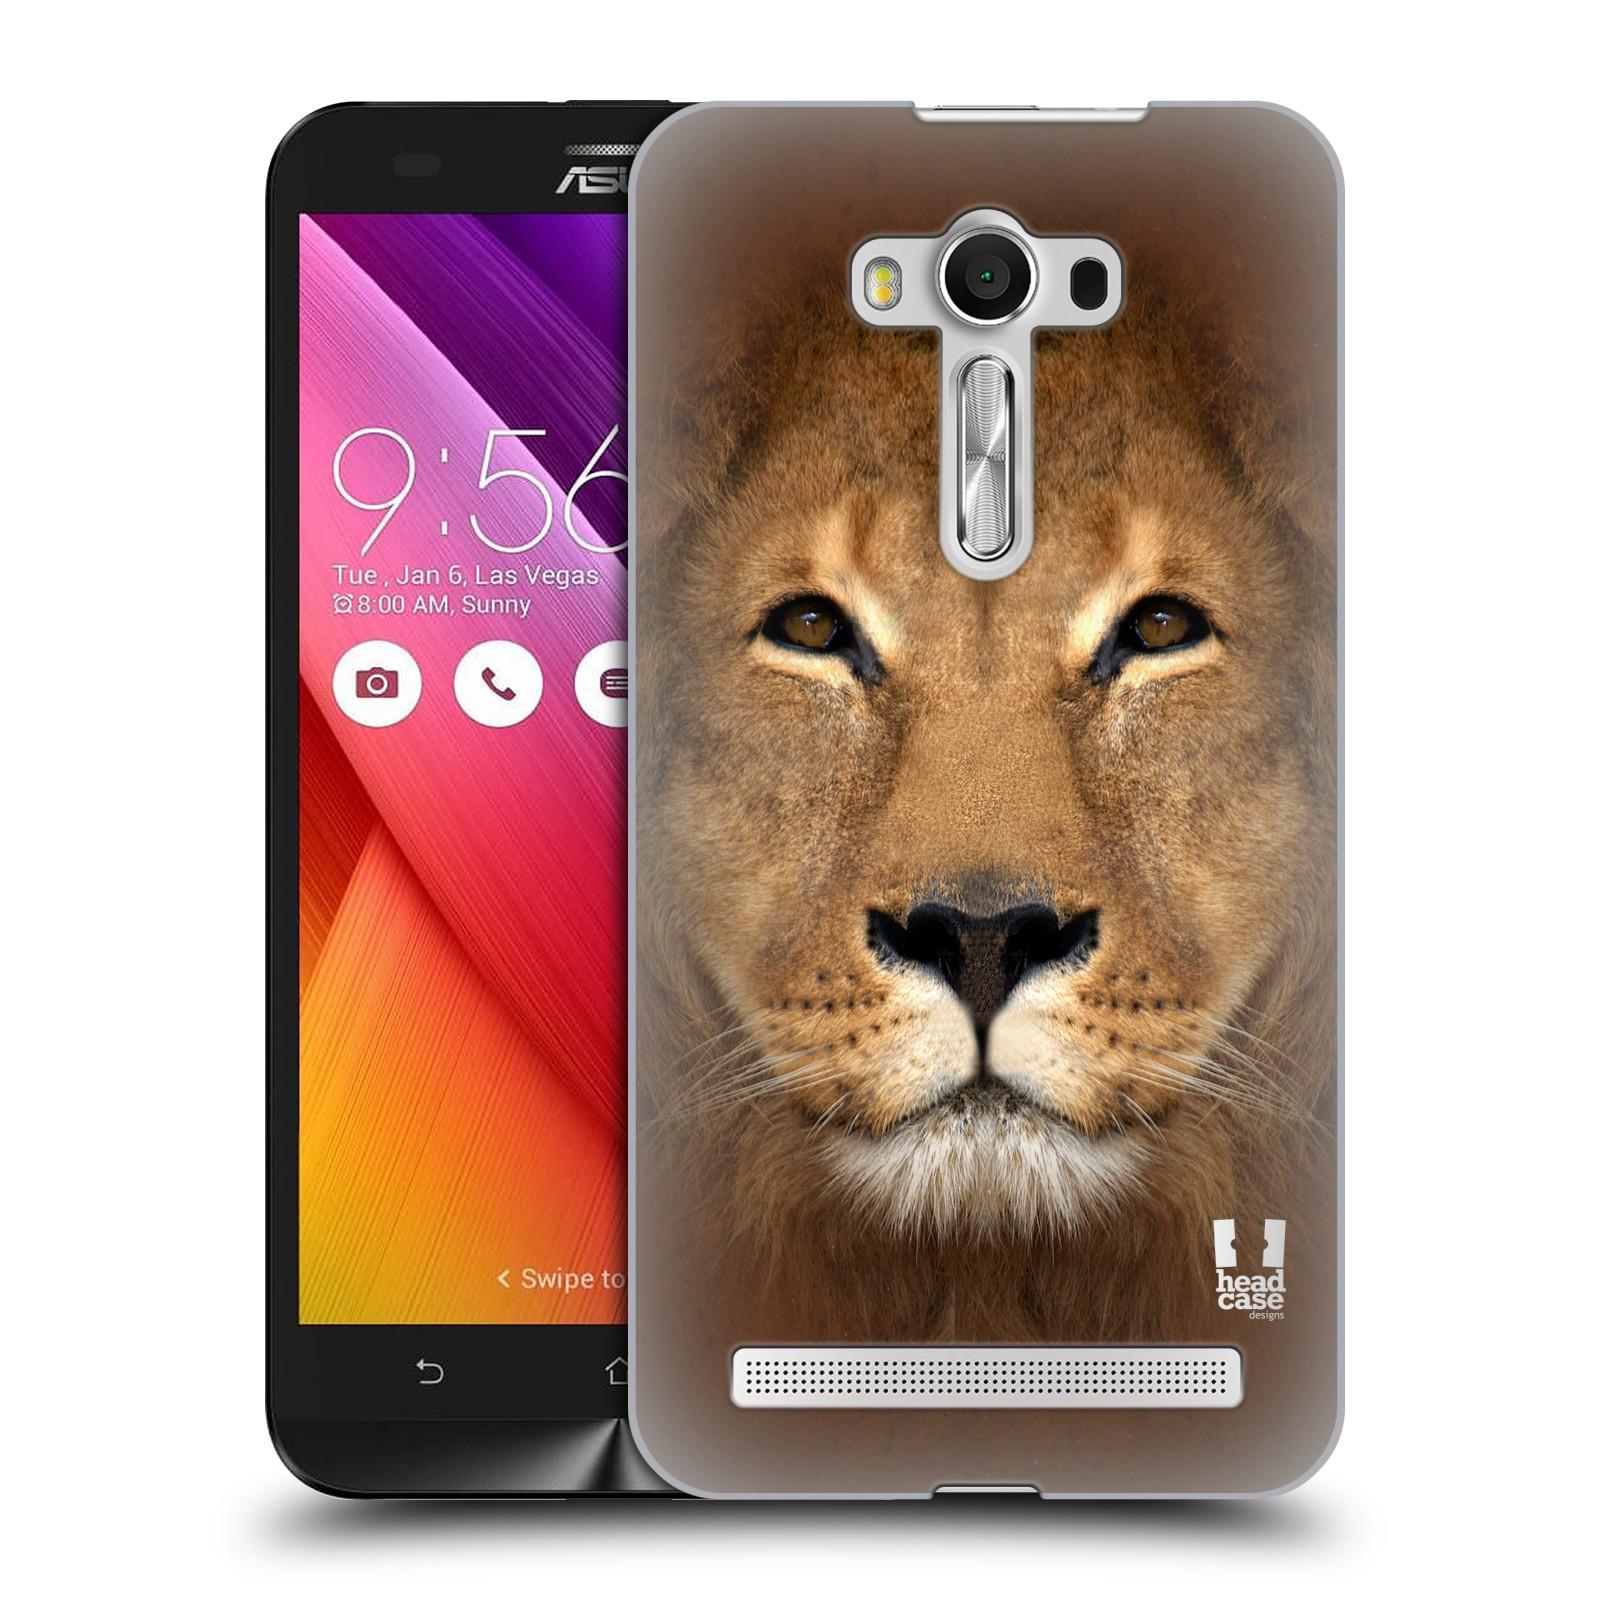 HEAD CASE plastový obal na mobil Asus Zenfone 2 LASER (5,5 displej ZE550KL) vzor Zvířecí tváře 2 Lev